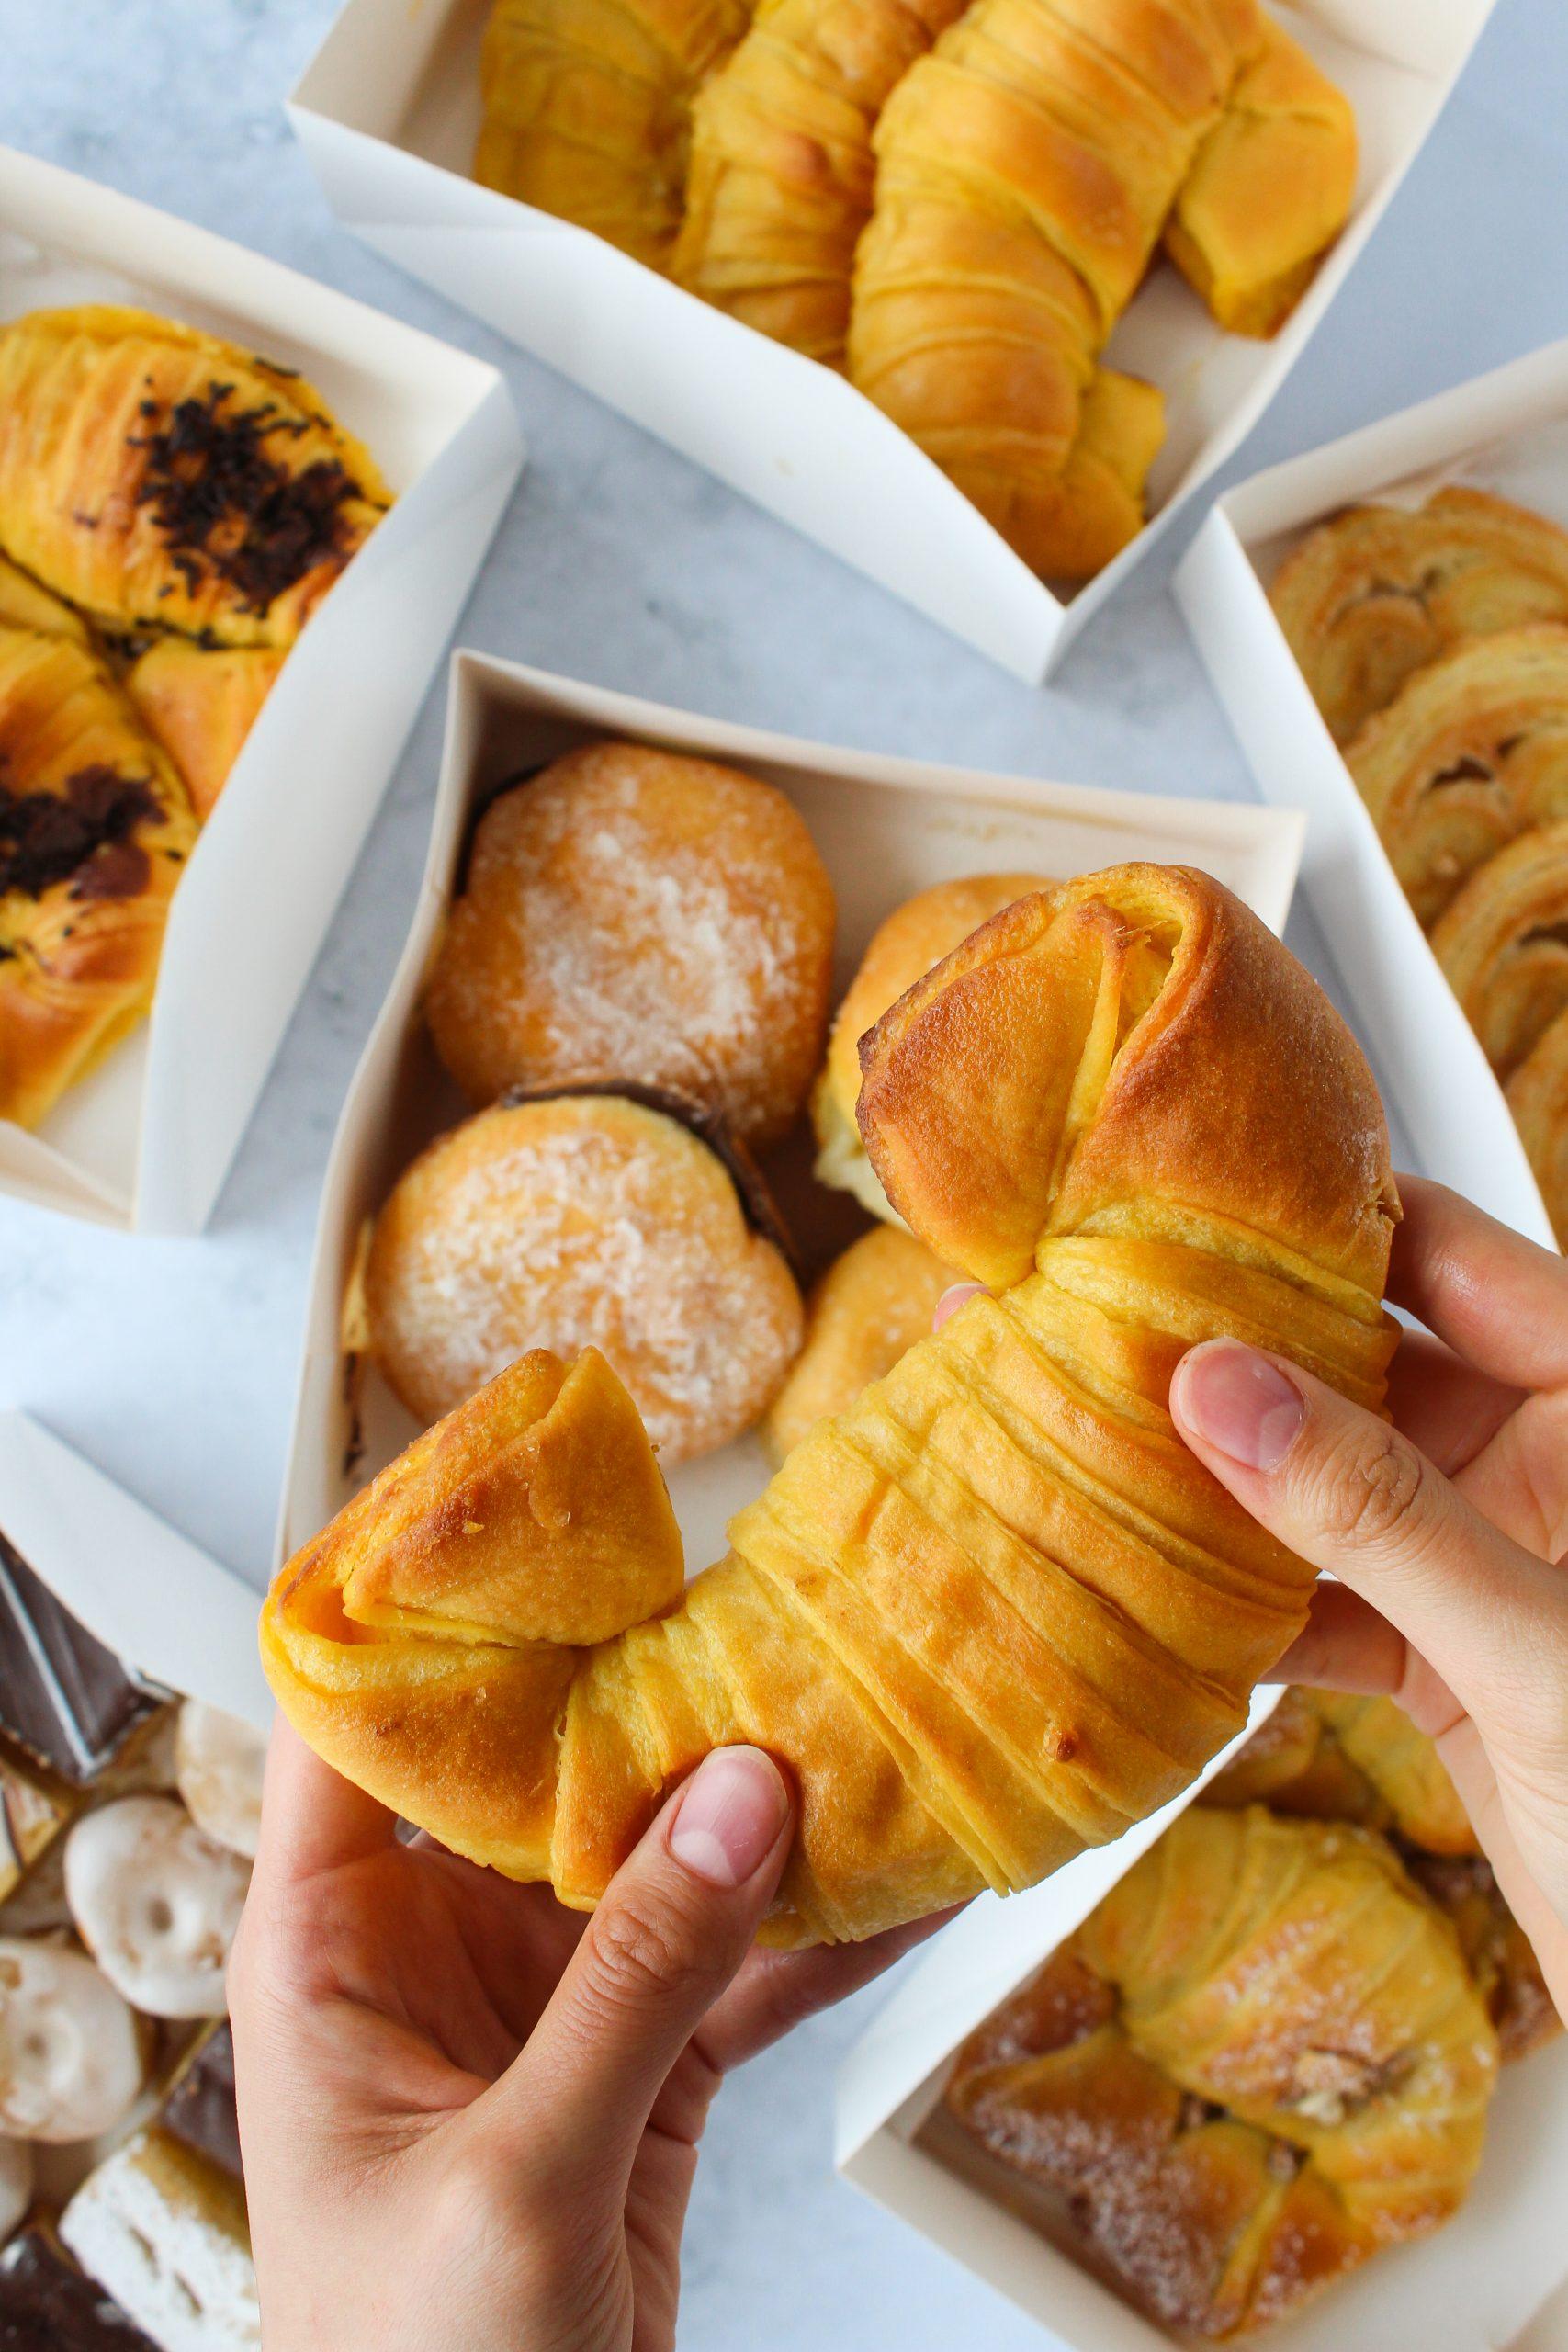 Croissant - Pastelaria Cravo e Canela